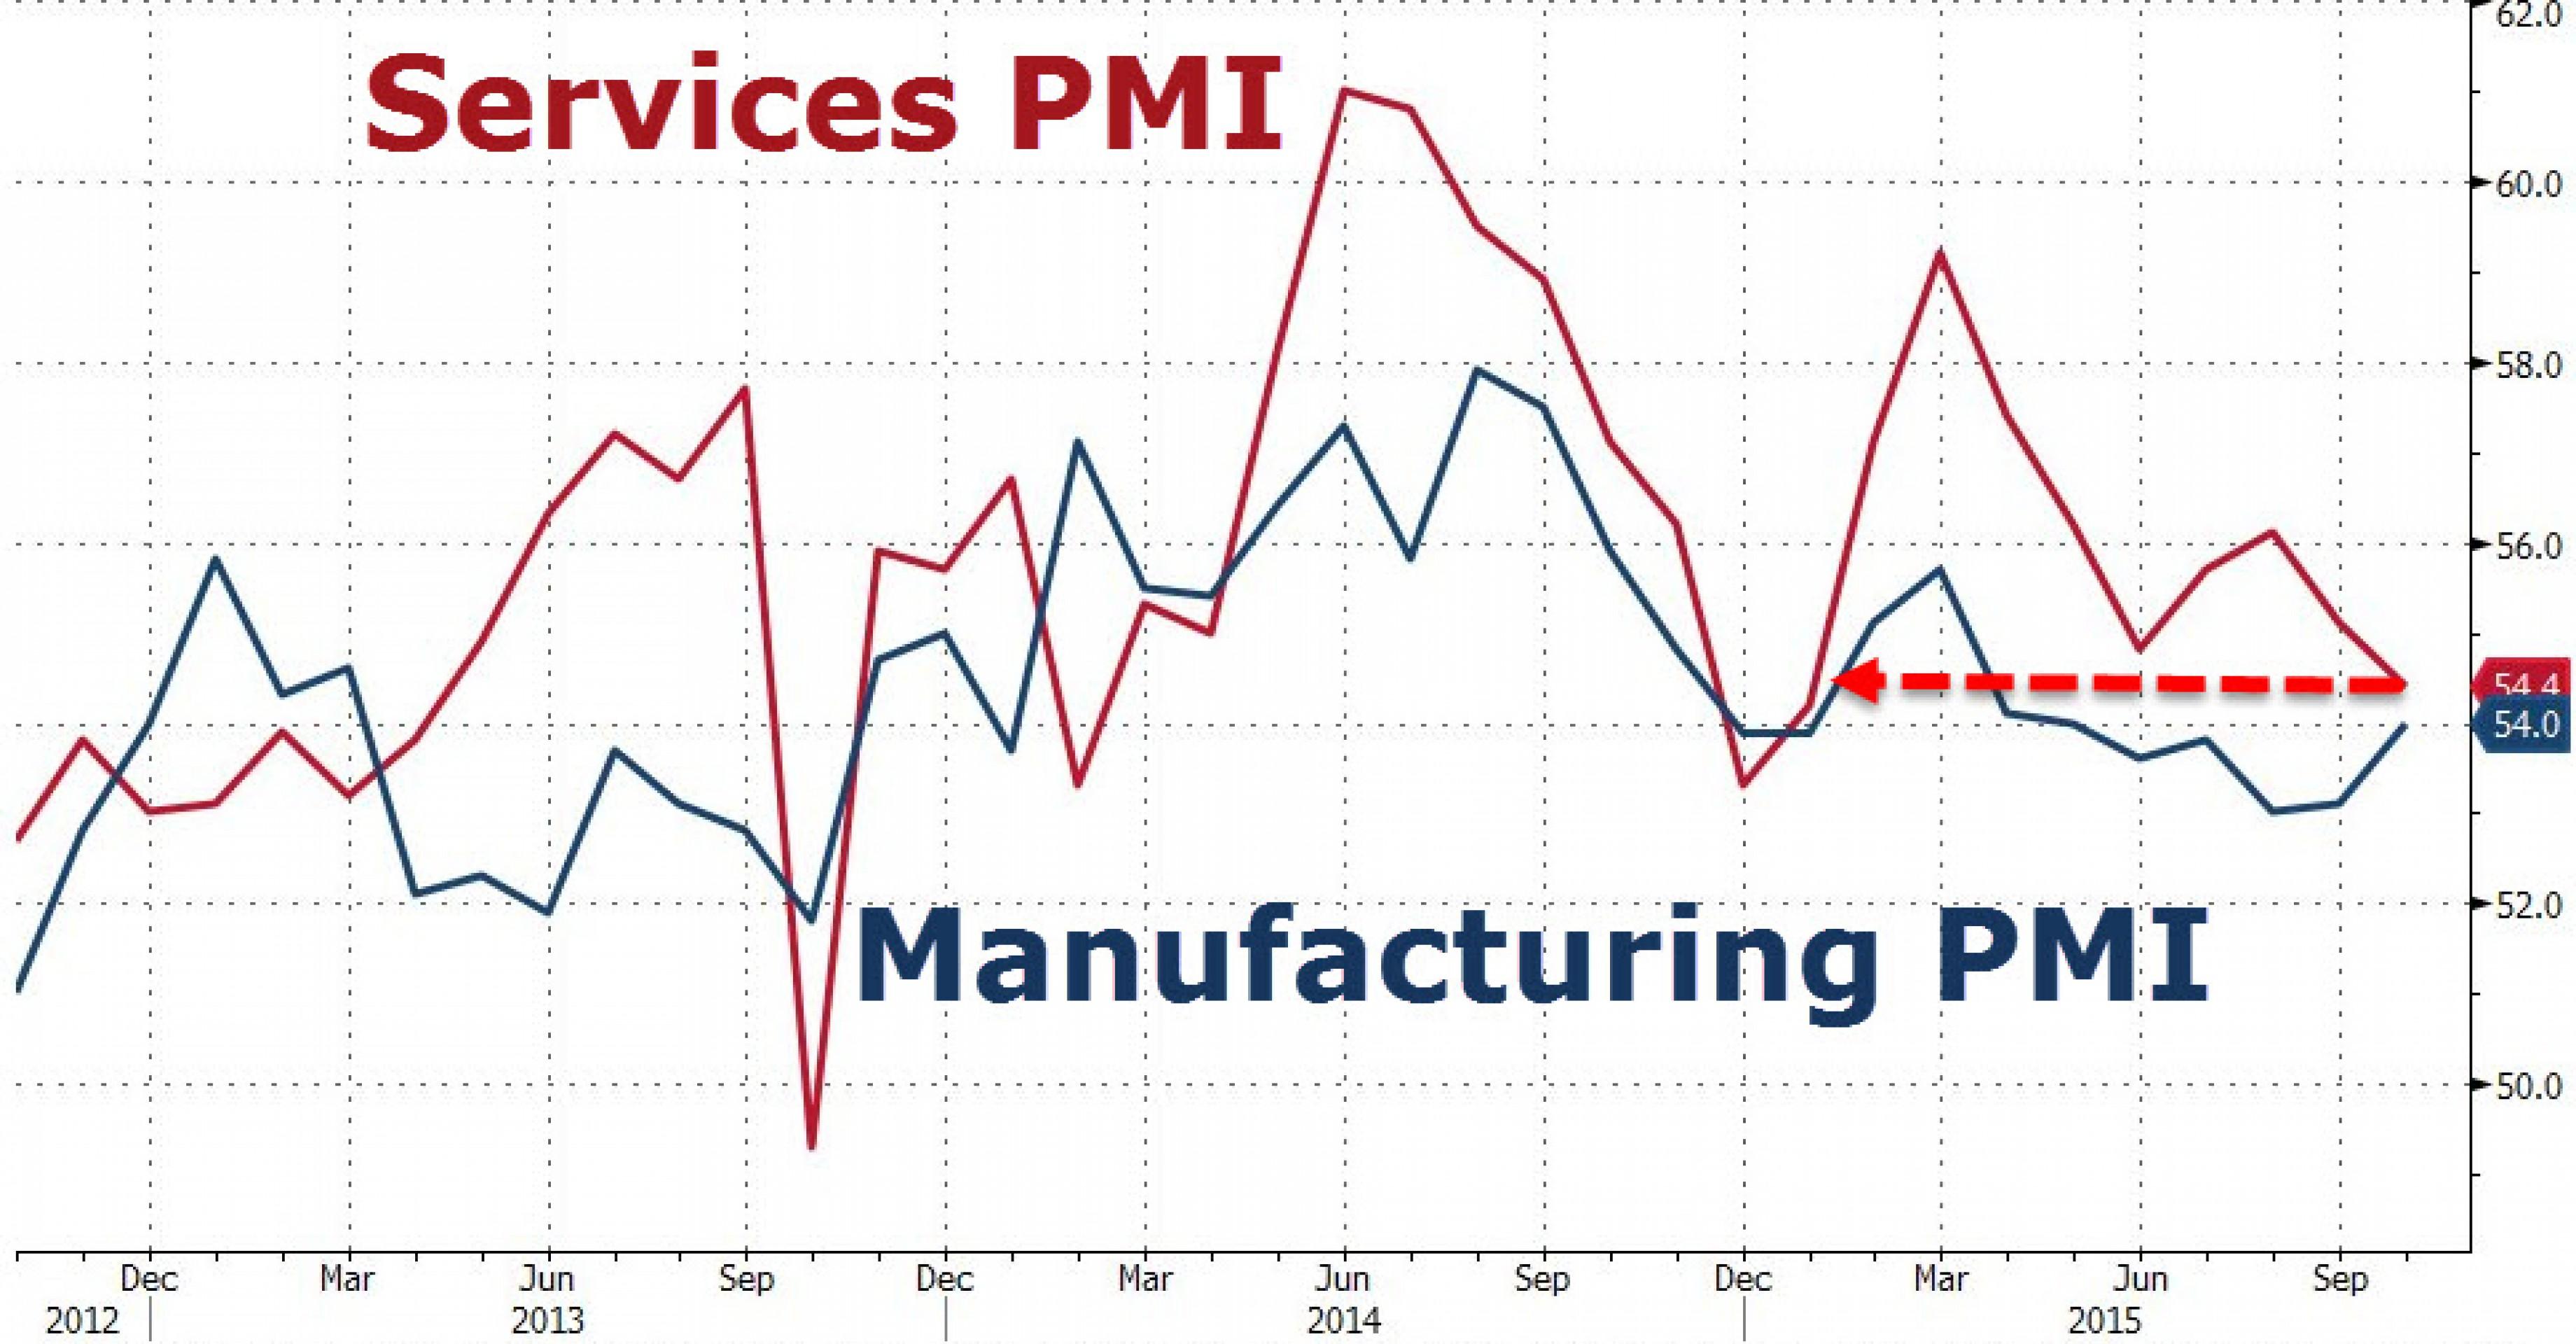 ФРС в растерянности. Рынку надоела неопределенность